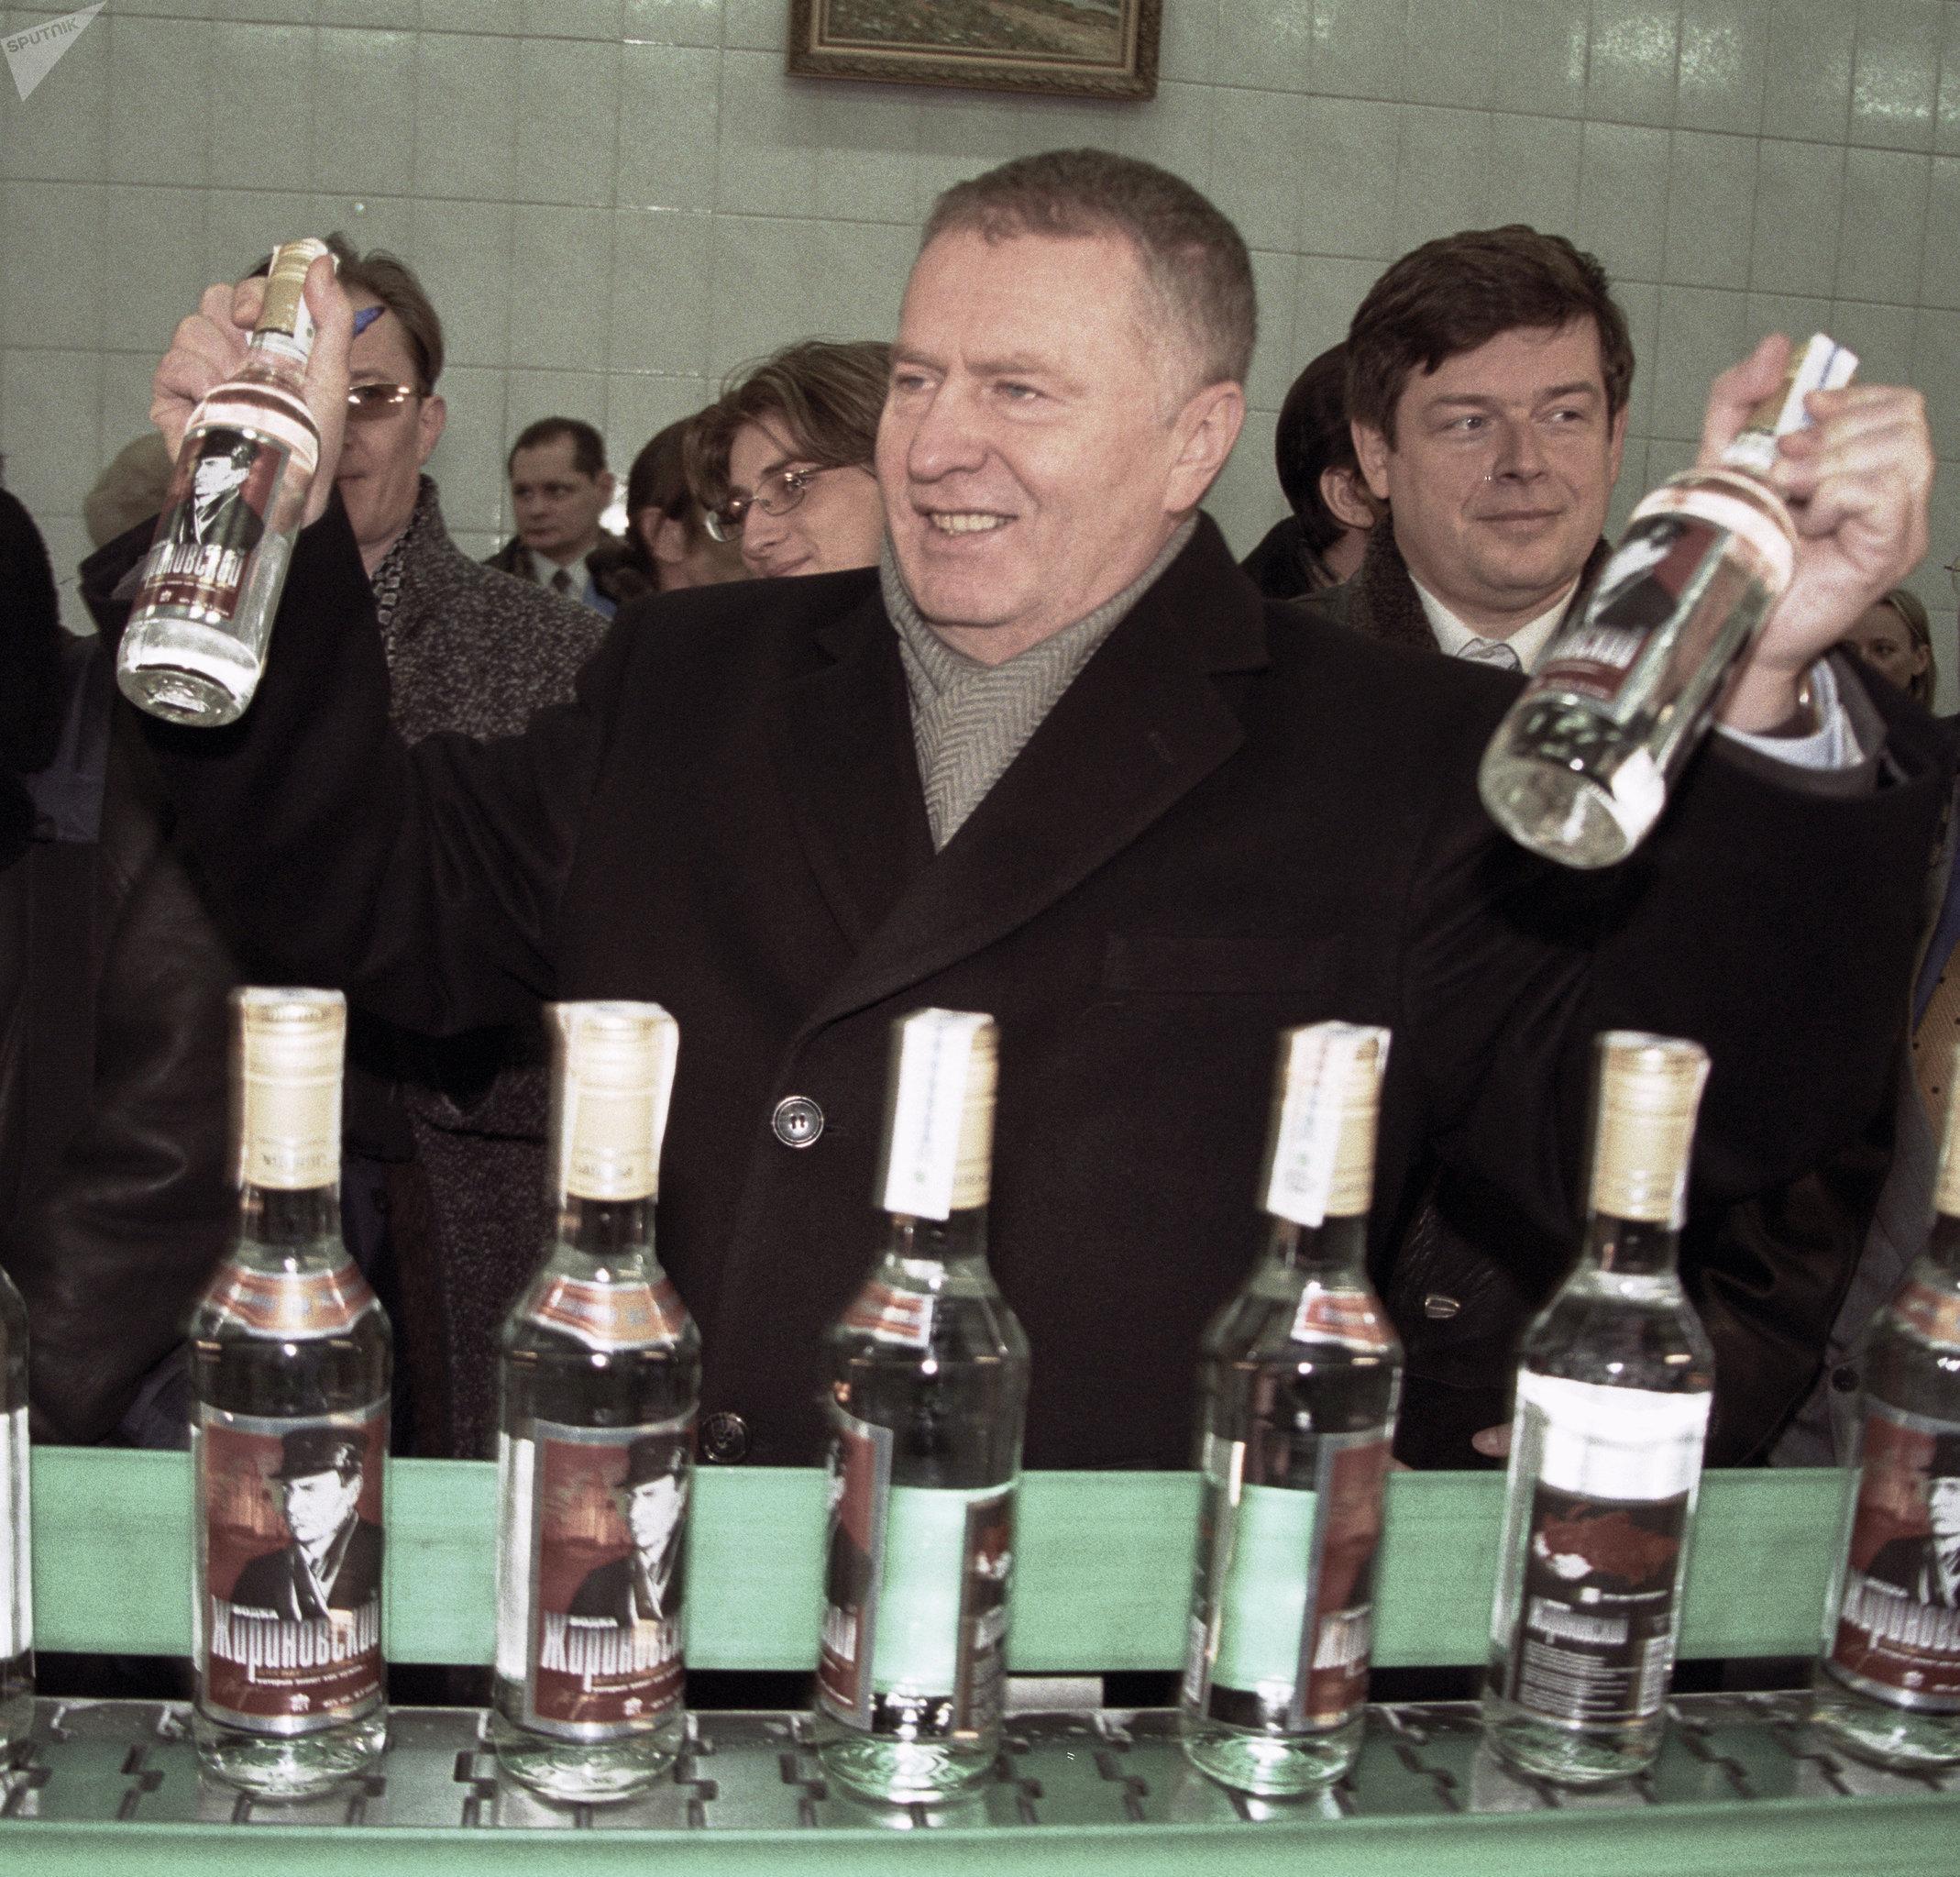 El presidente del Partido Liberal Demócrata (LDPR), Vladímir Zhirinovski, presenta en 2001 una línea de vodka que lleva su nombre